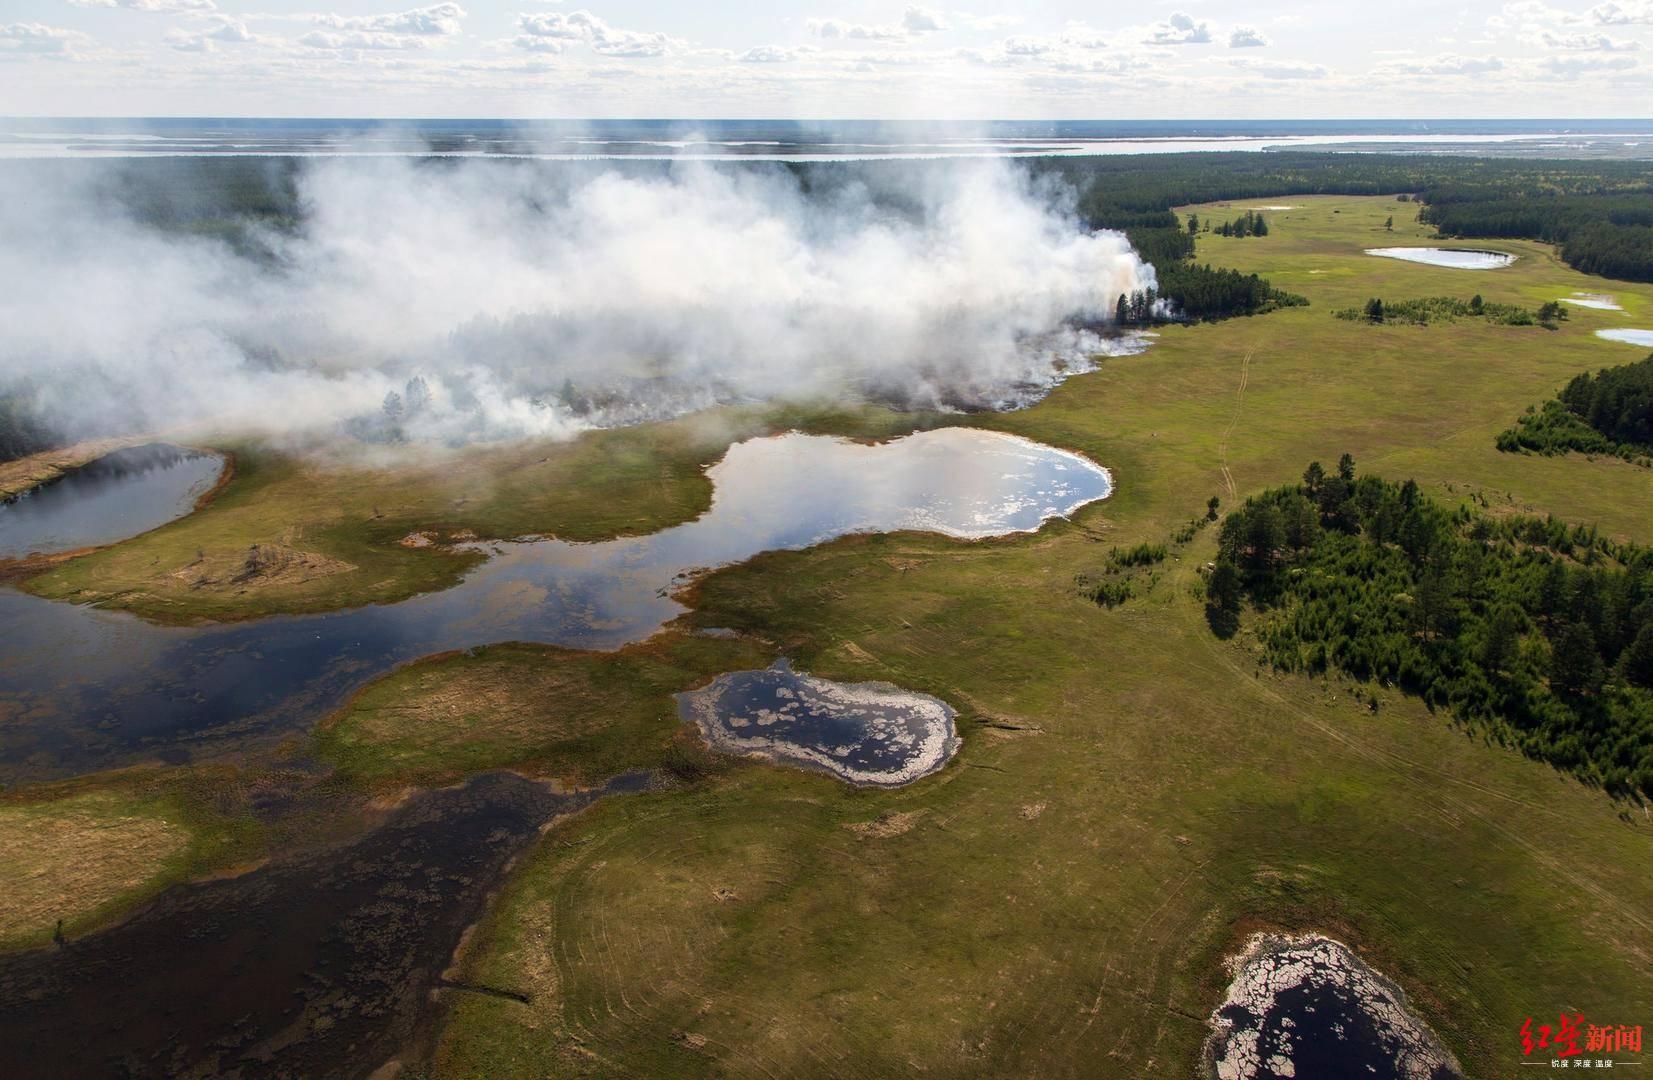 北极六月野火肆虐:二氧化碳排放5900万吨 冻土融化:柴油污染350万平方公里